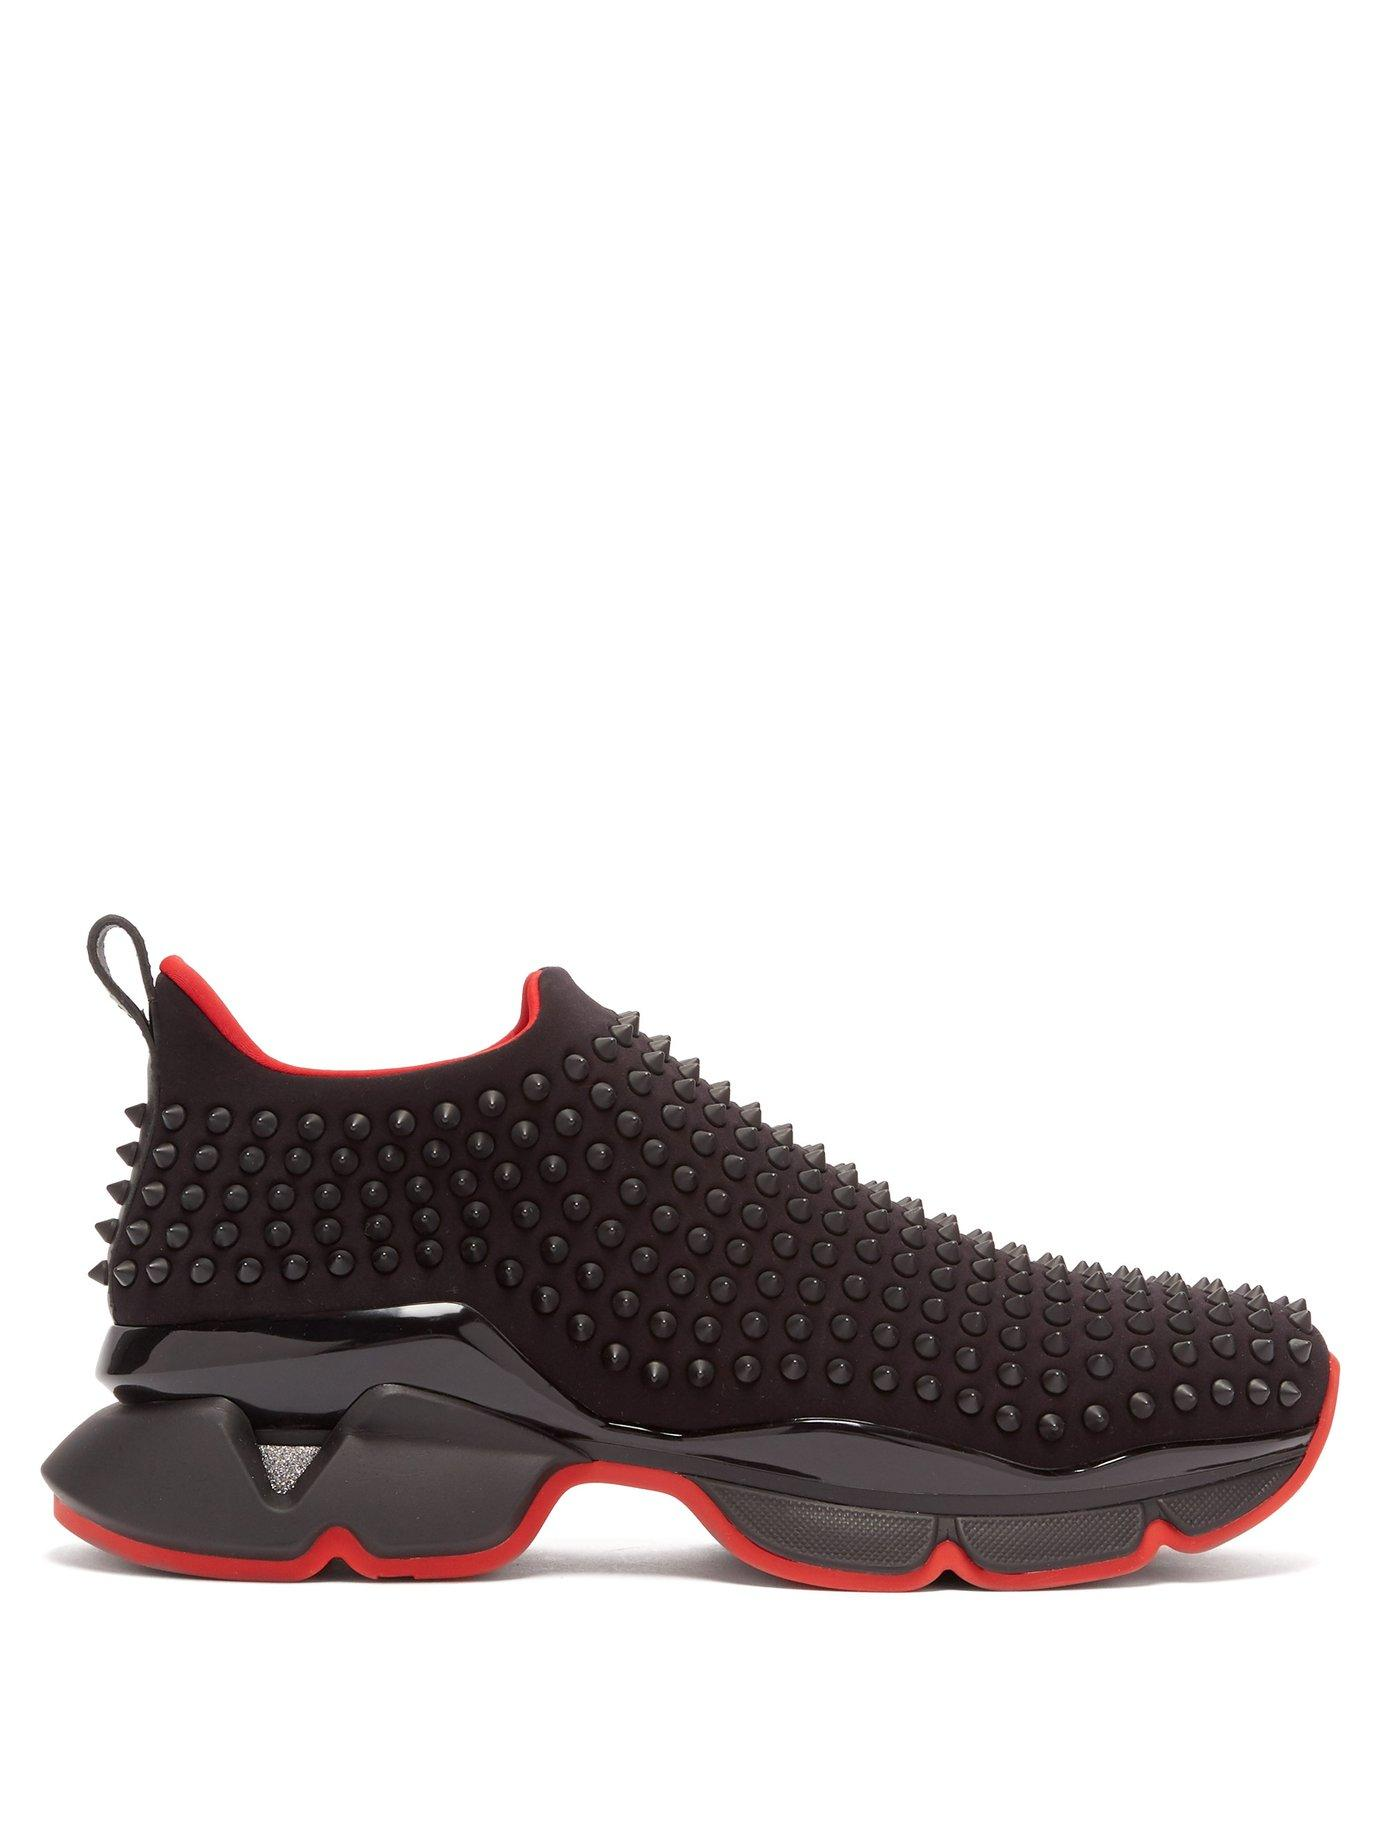 new arrival 7af92 104f2 Men's Black Spike Embellished Neoprene Sock Sneakers